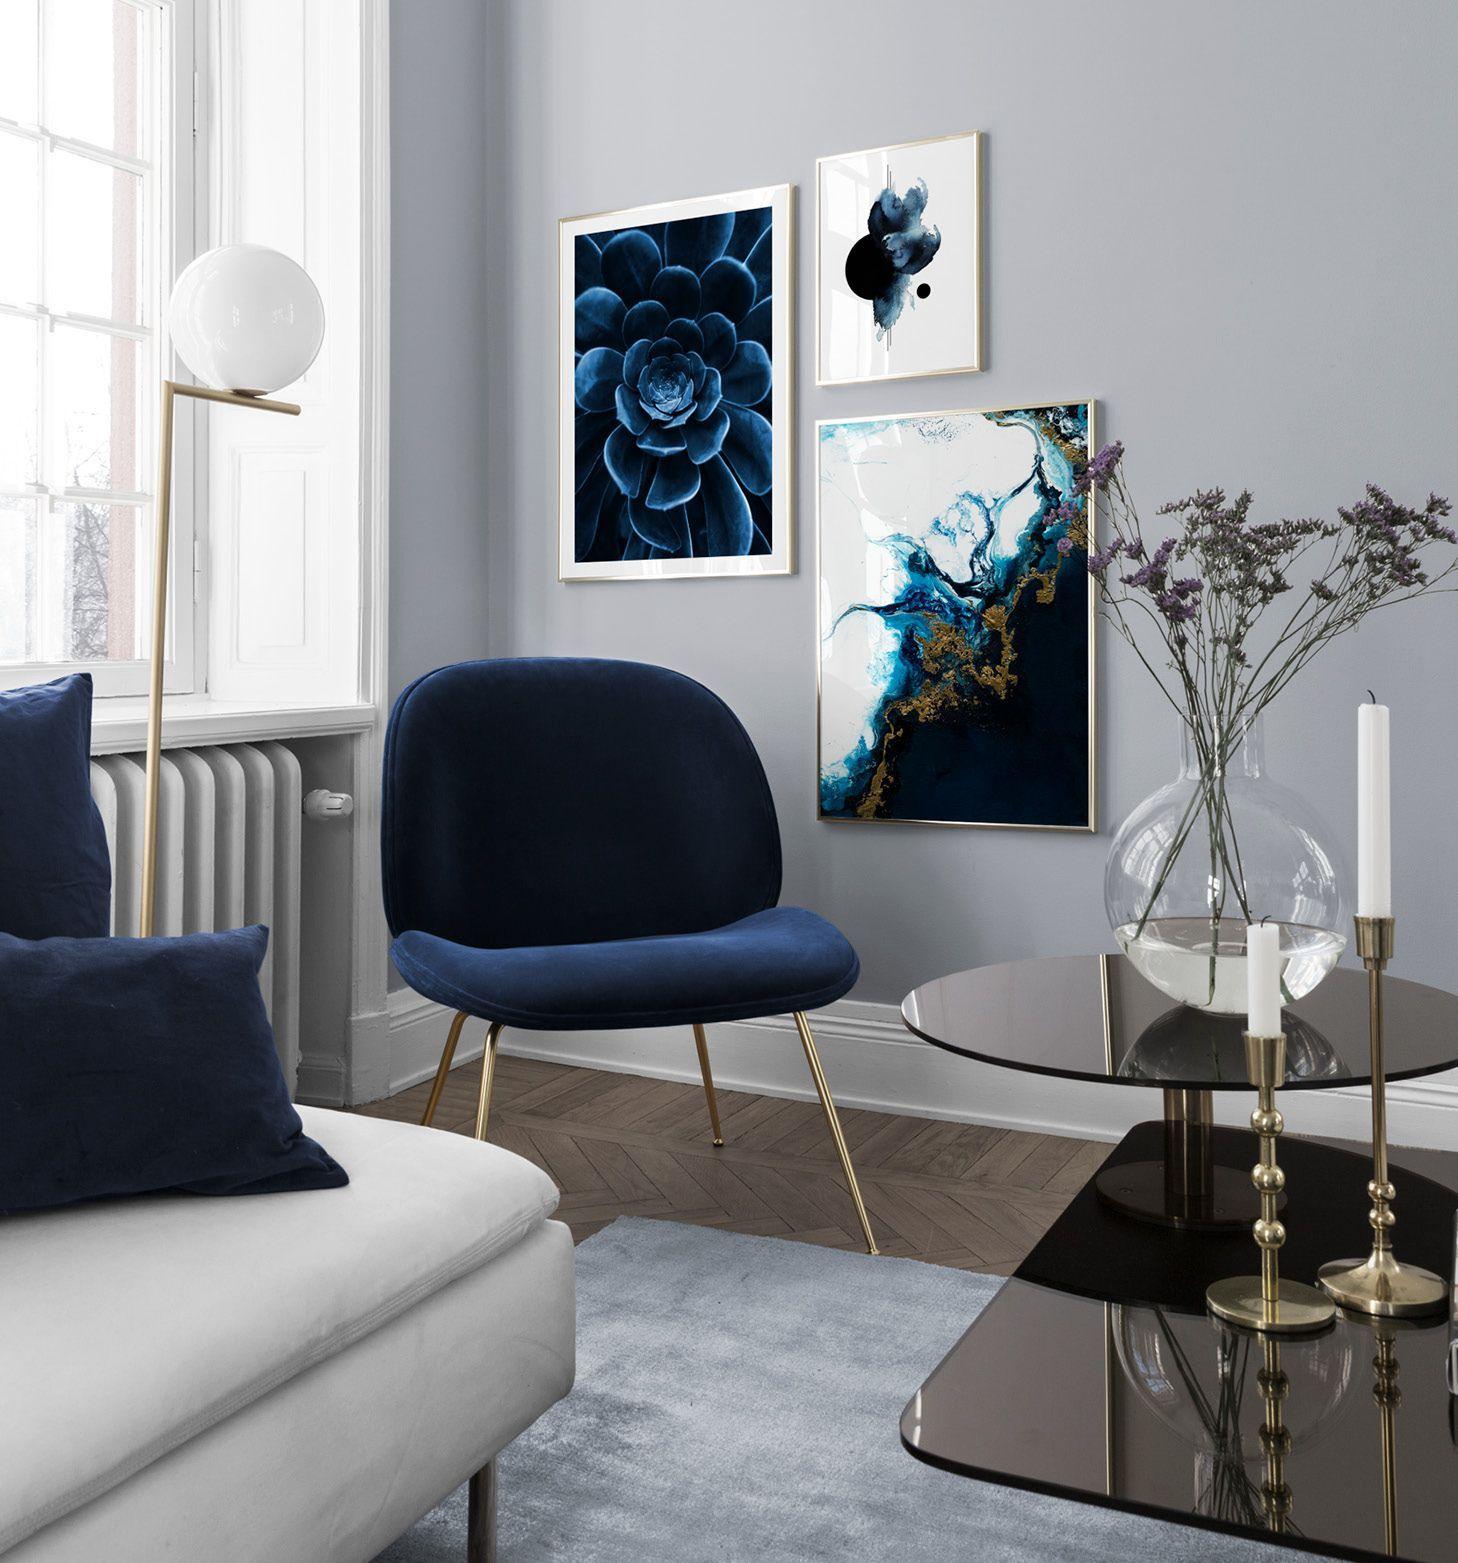 Inspiration für schöne Wohnzimmer Bilderwand mit Postern | Desenio #collagewalls